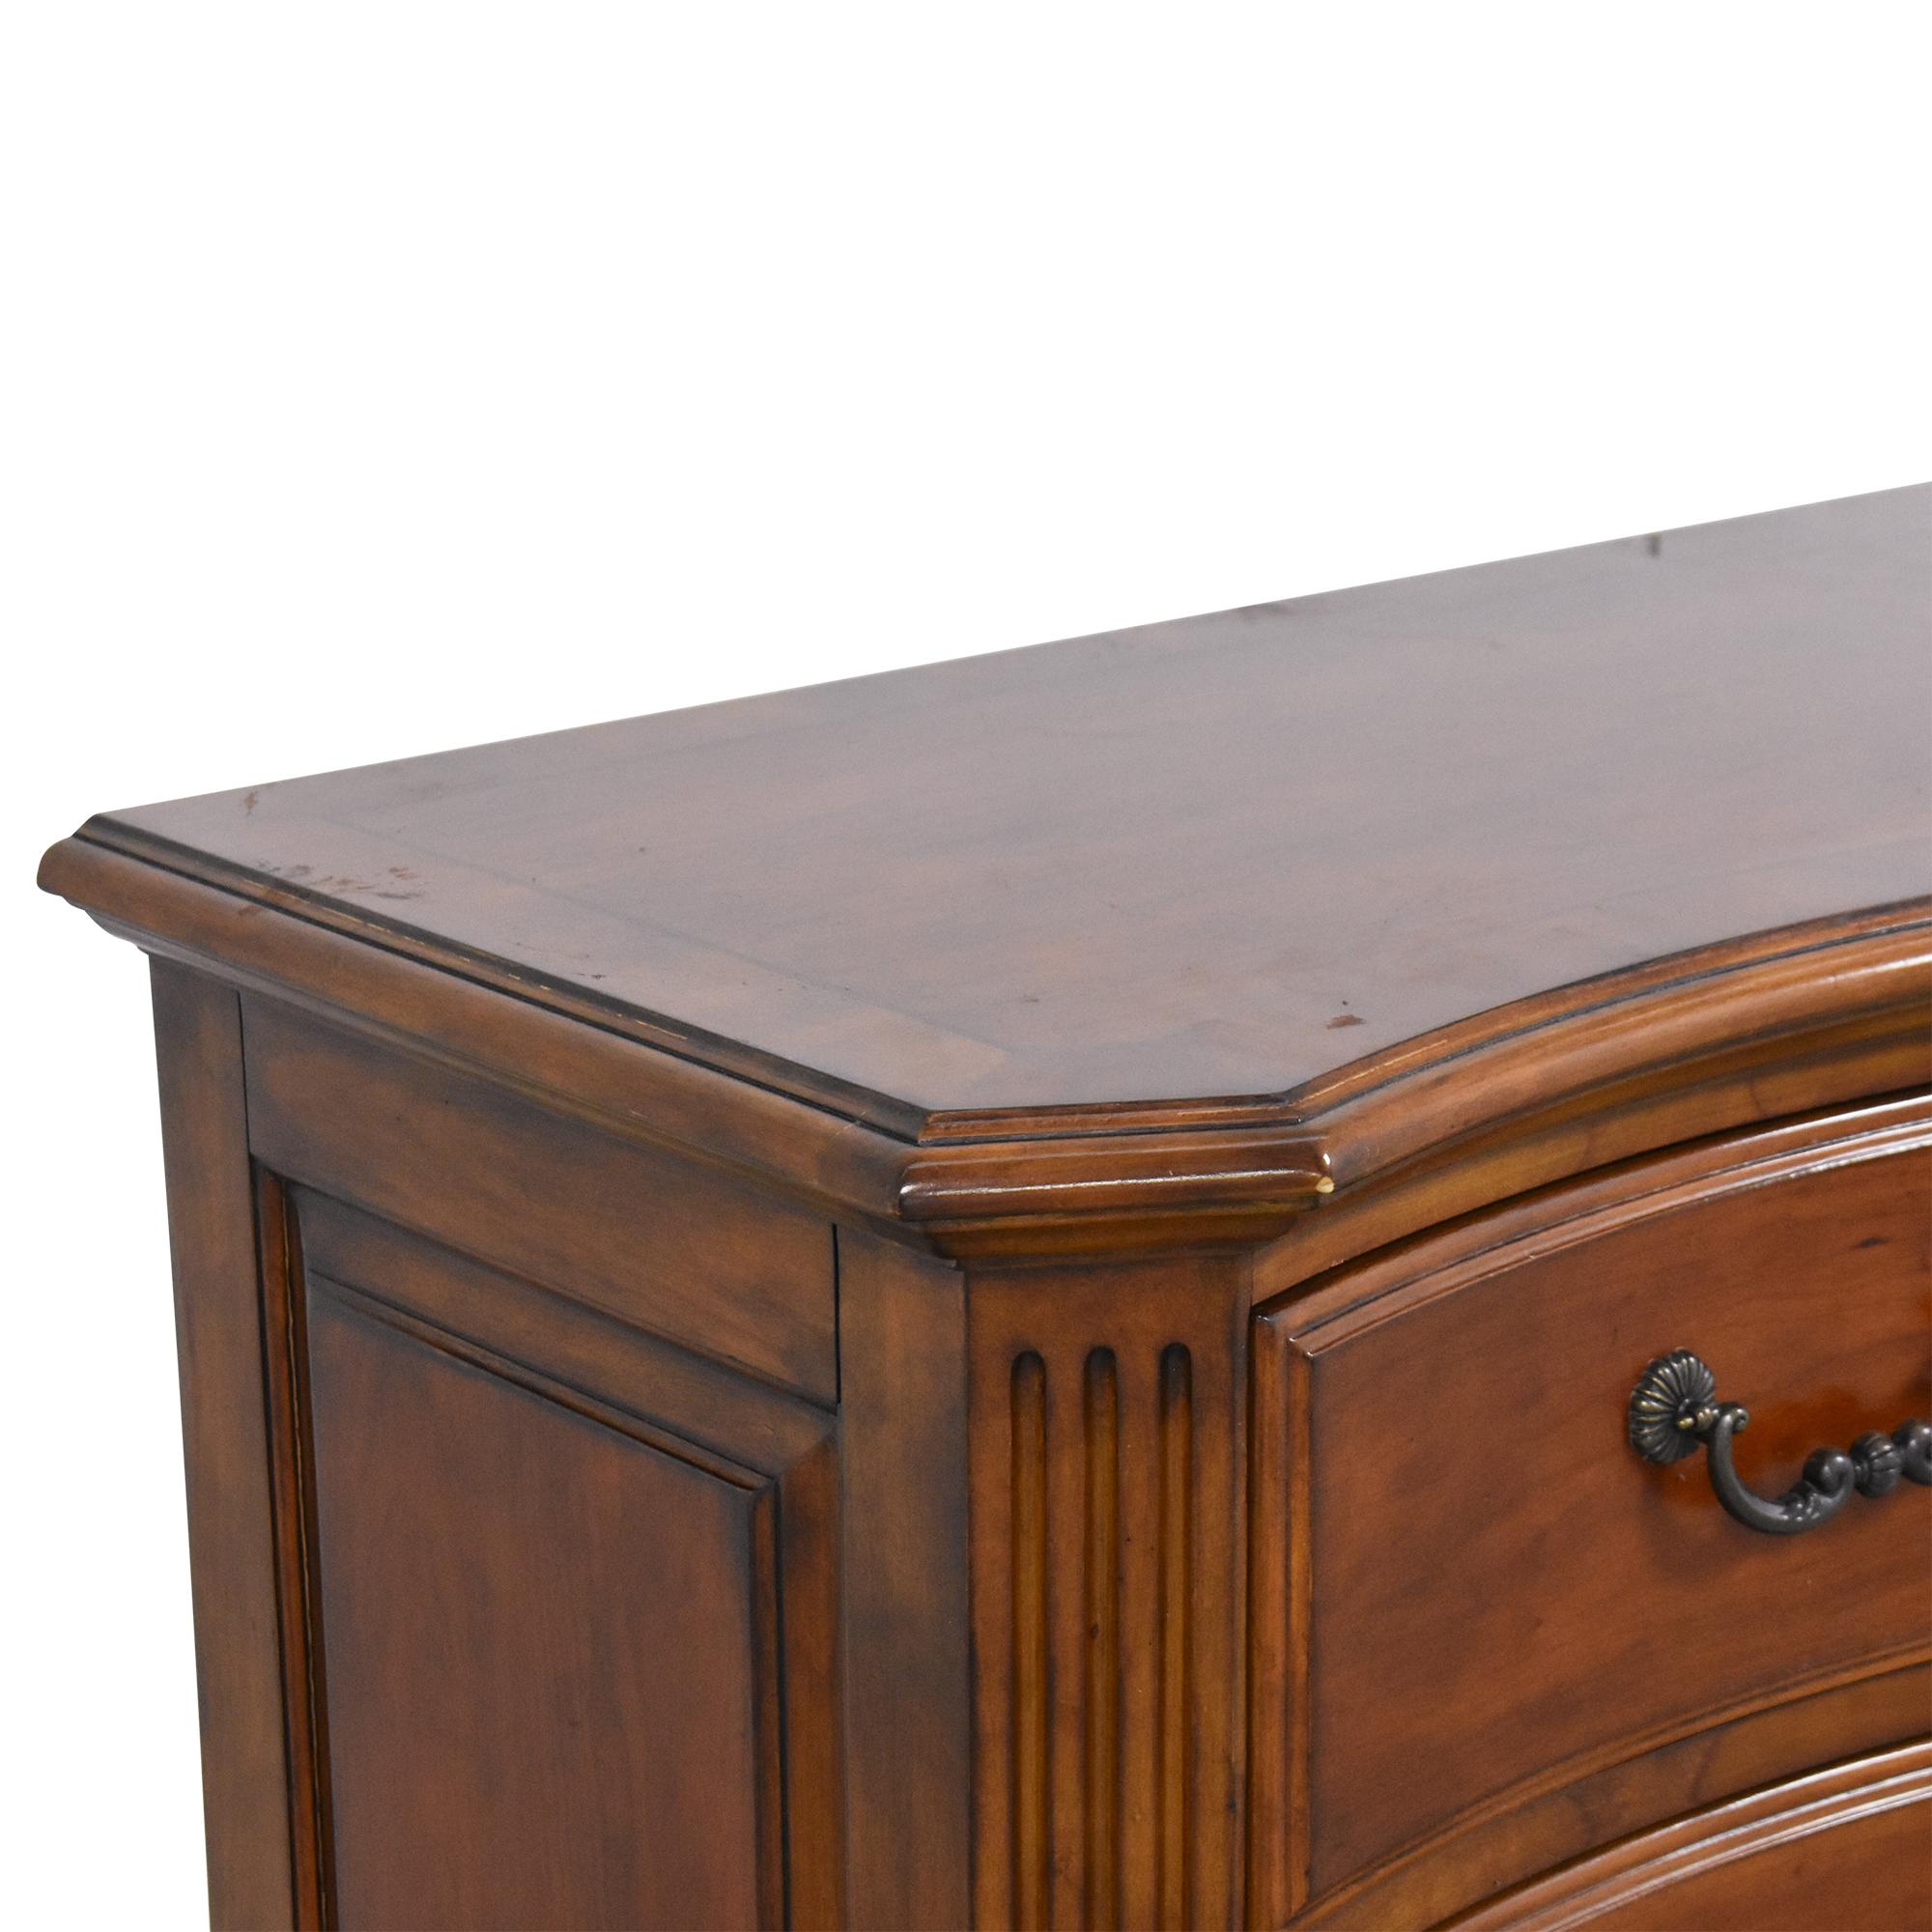 Ethan Allen Ethan Allen Marco Serpentine Dresser on sale